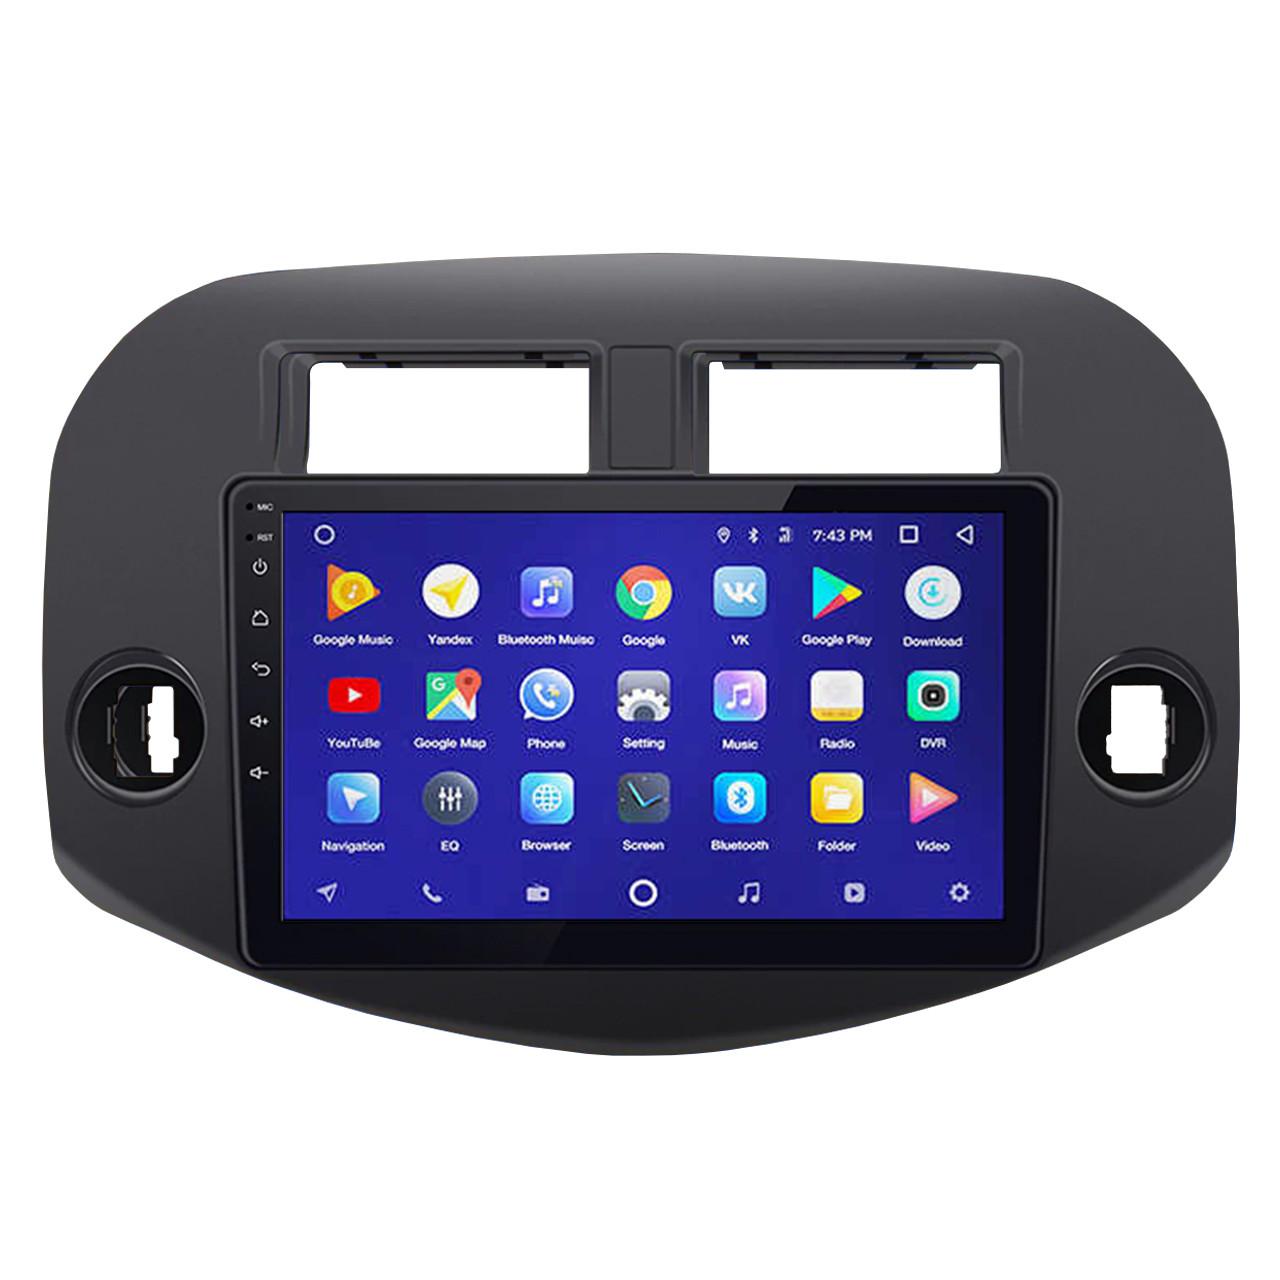 """Штатная автомагнитола 10"""" Toyota RAV4 (2007-2012г.) 2/32 Гб GPS Wi-Fi мощность 4x45 Вт Android 8.1 Go"""